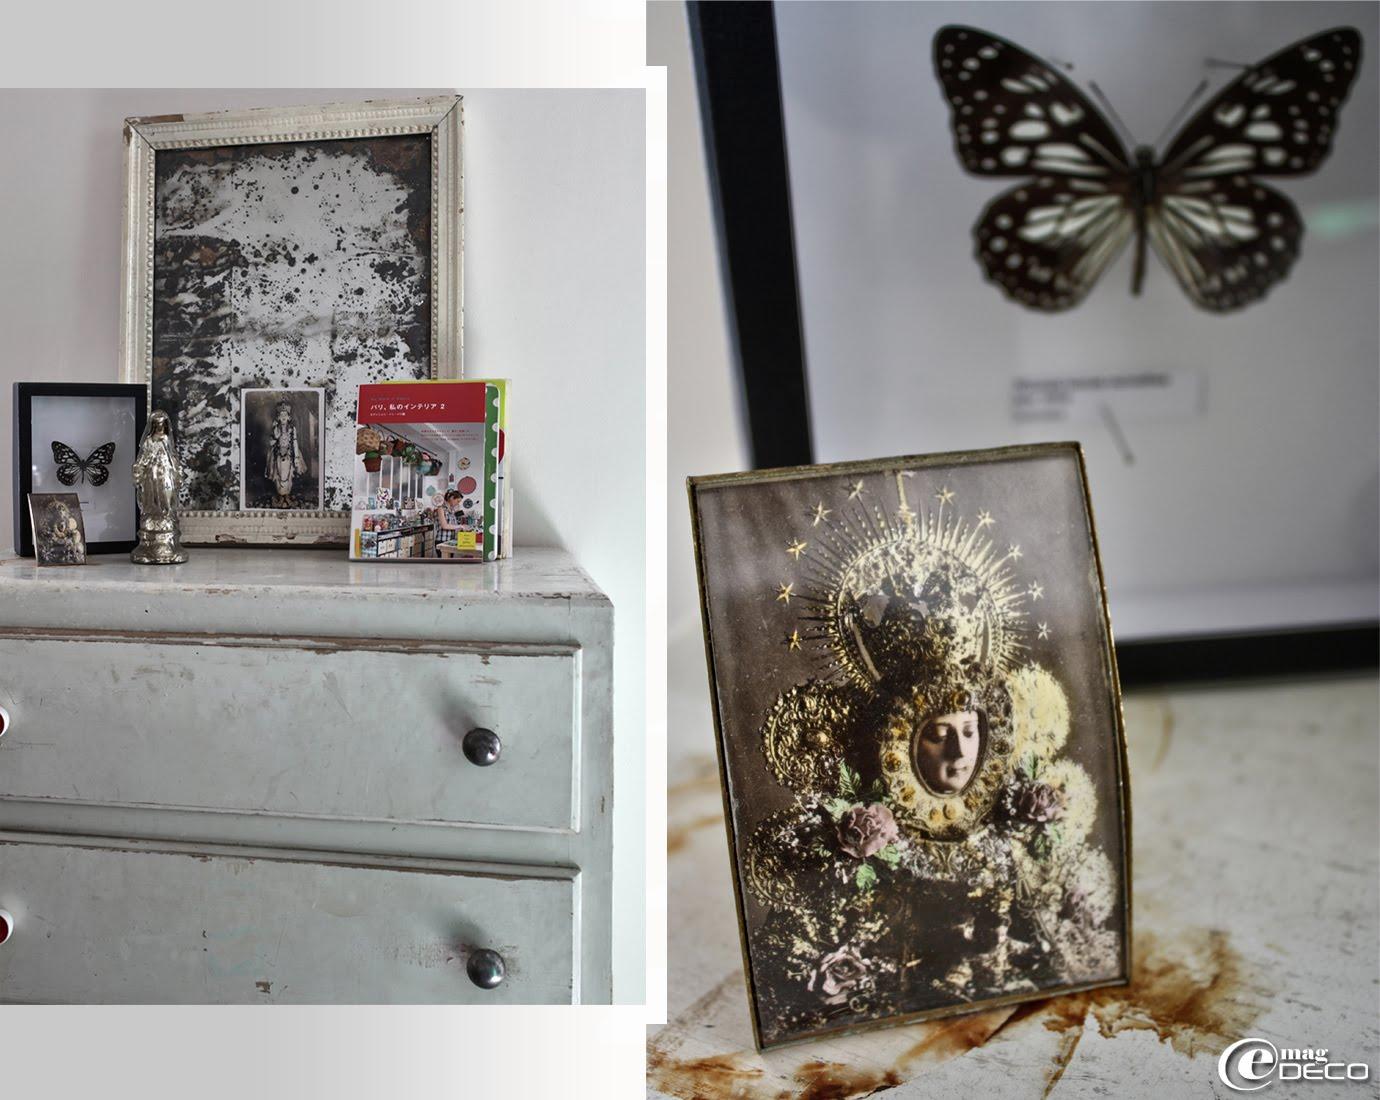 Posé sur une commode rapportée de chez Emmaüs, un vieux miroir et des bondieuseries chinées